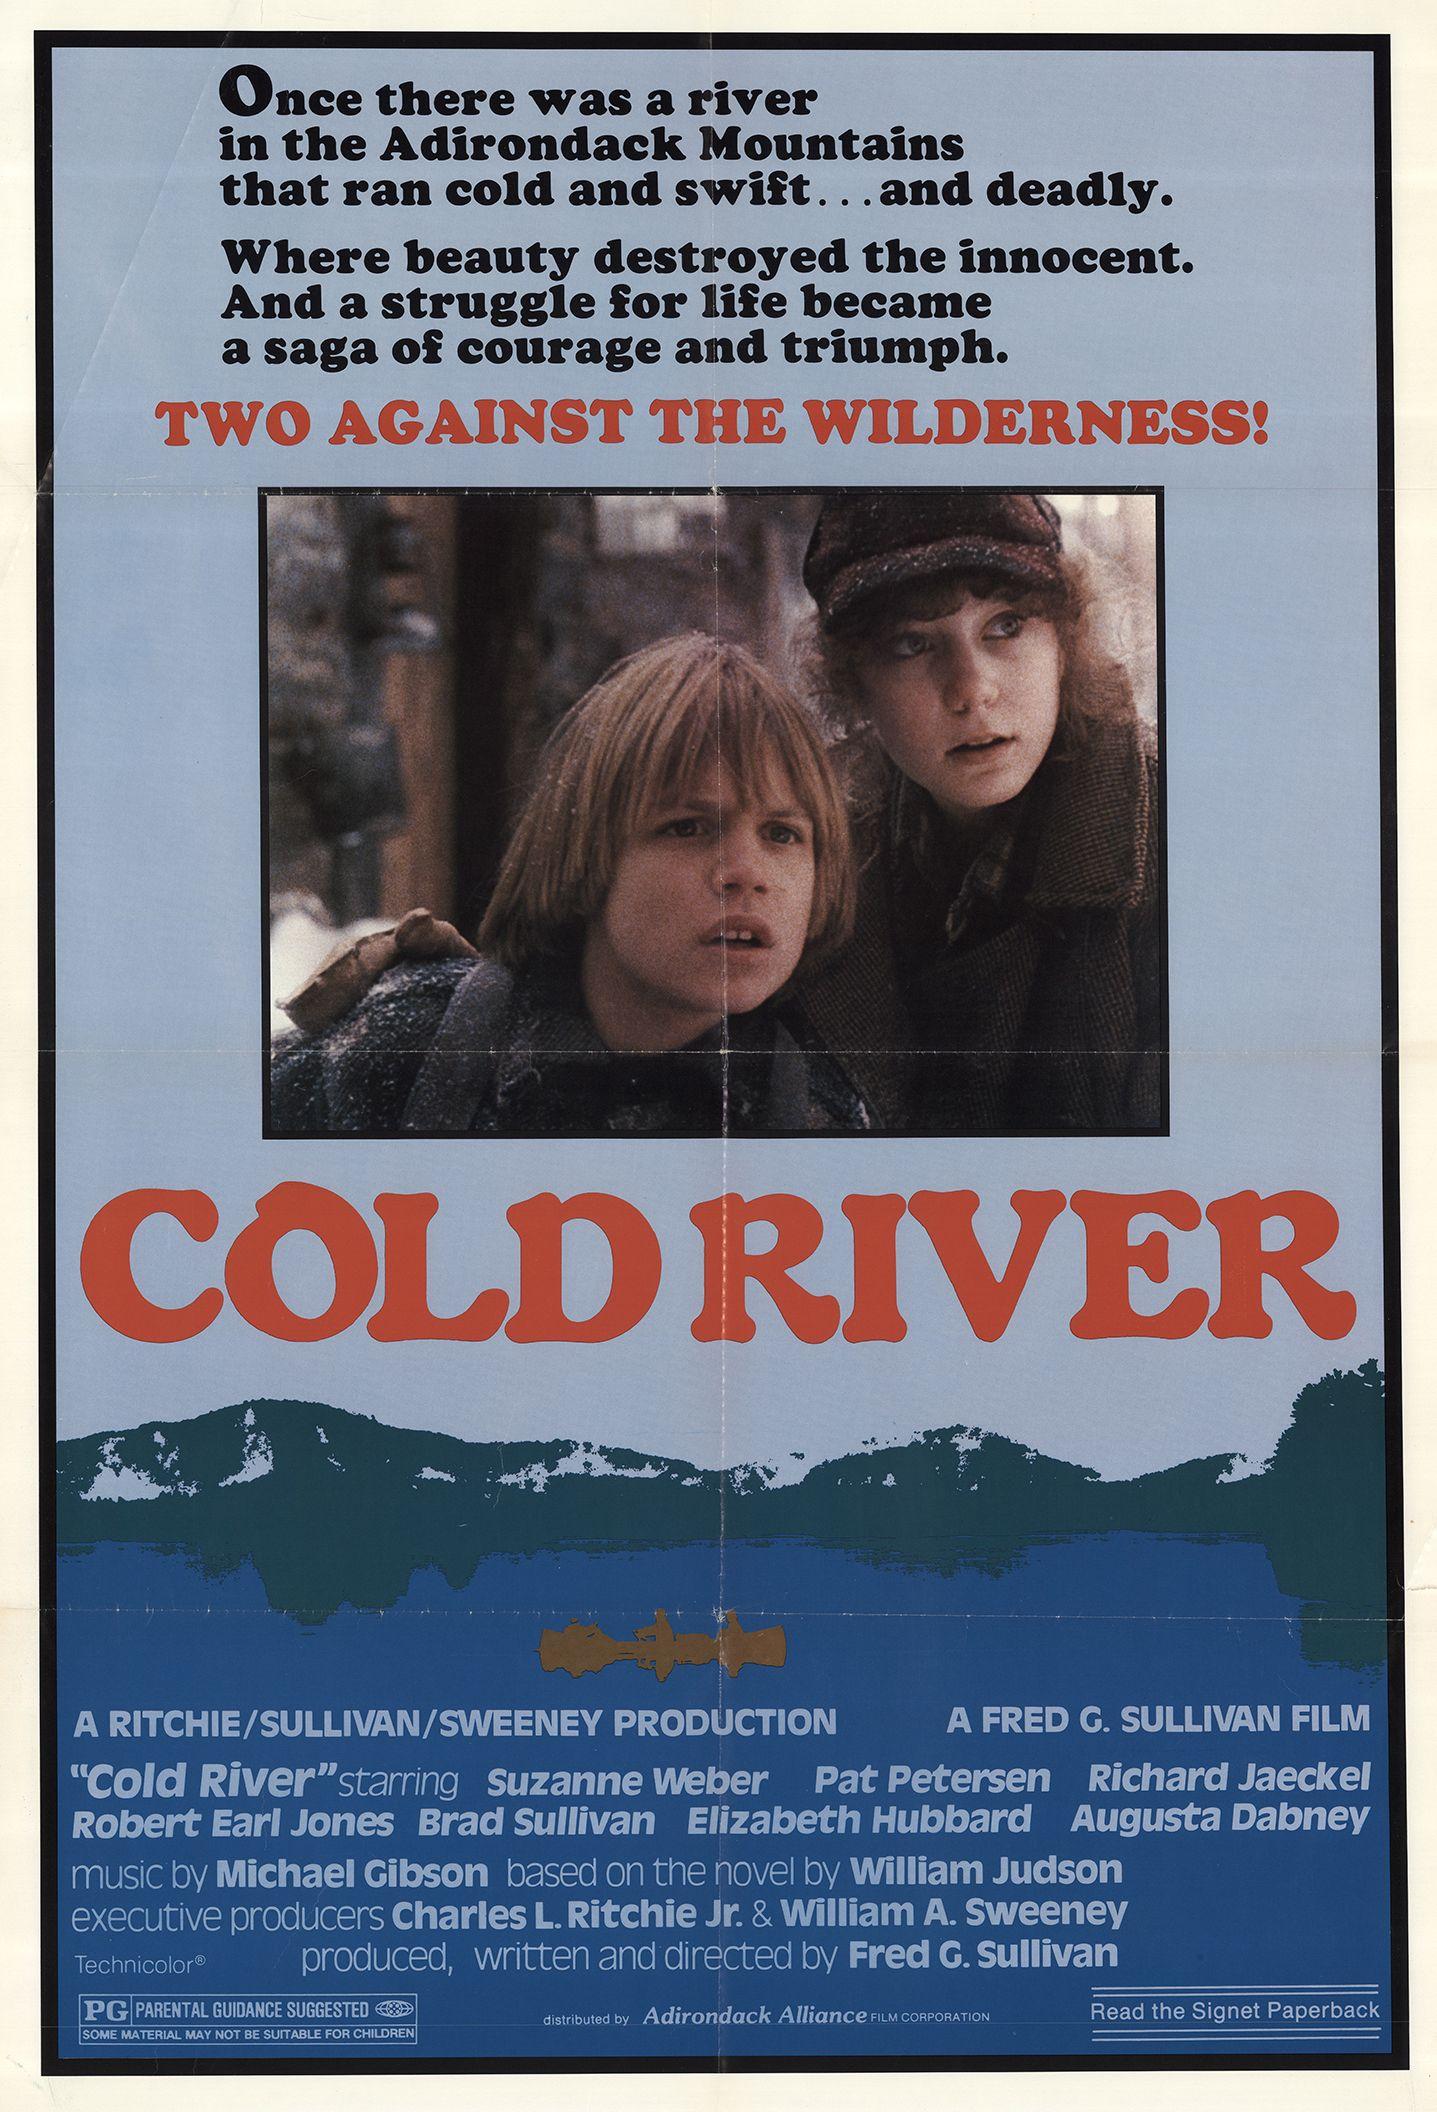 Cold River ((1982))